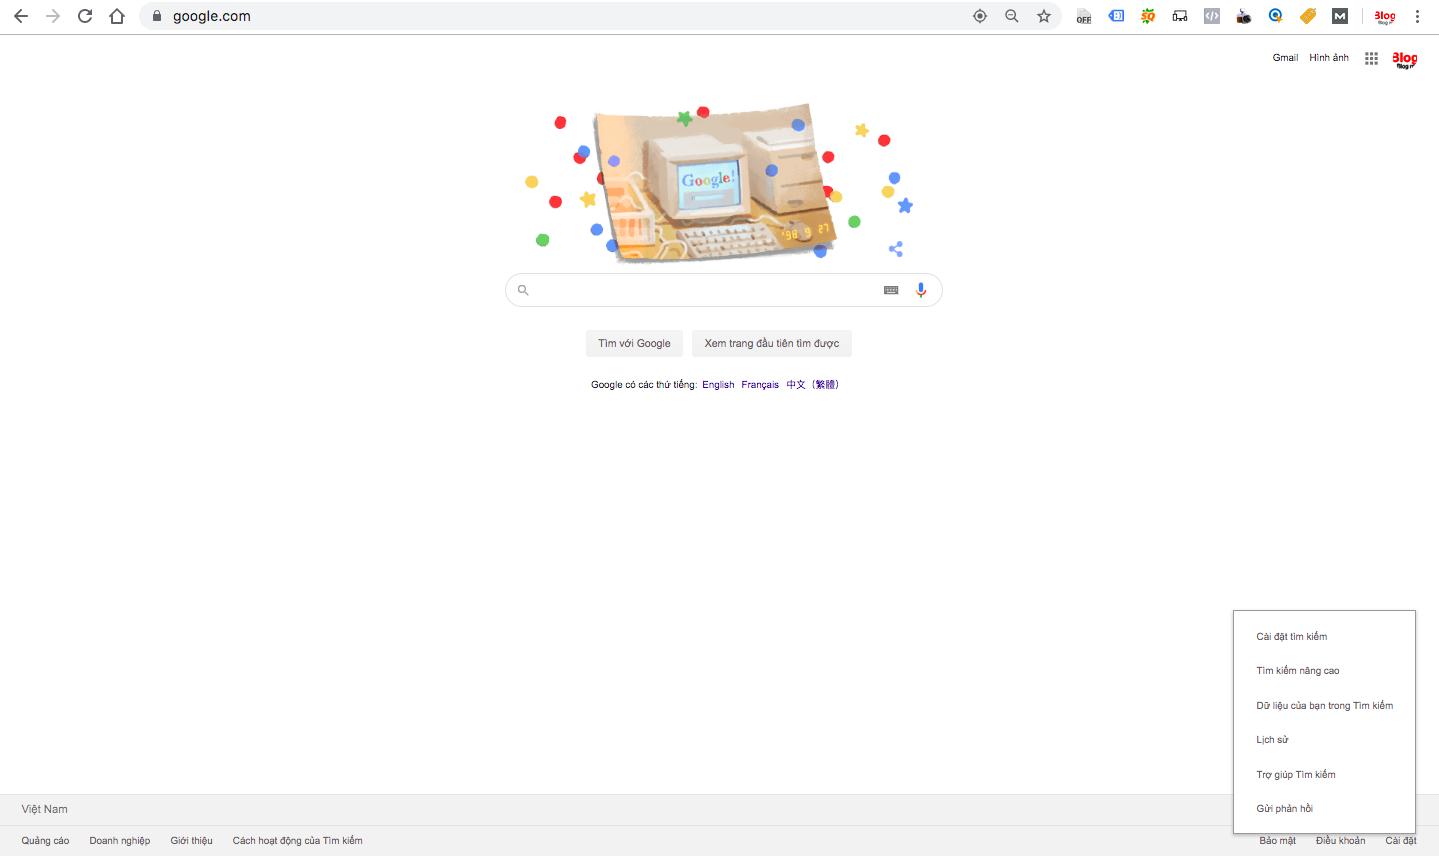 Cách hiển thị 100 kết quả tìm kiếm trên google